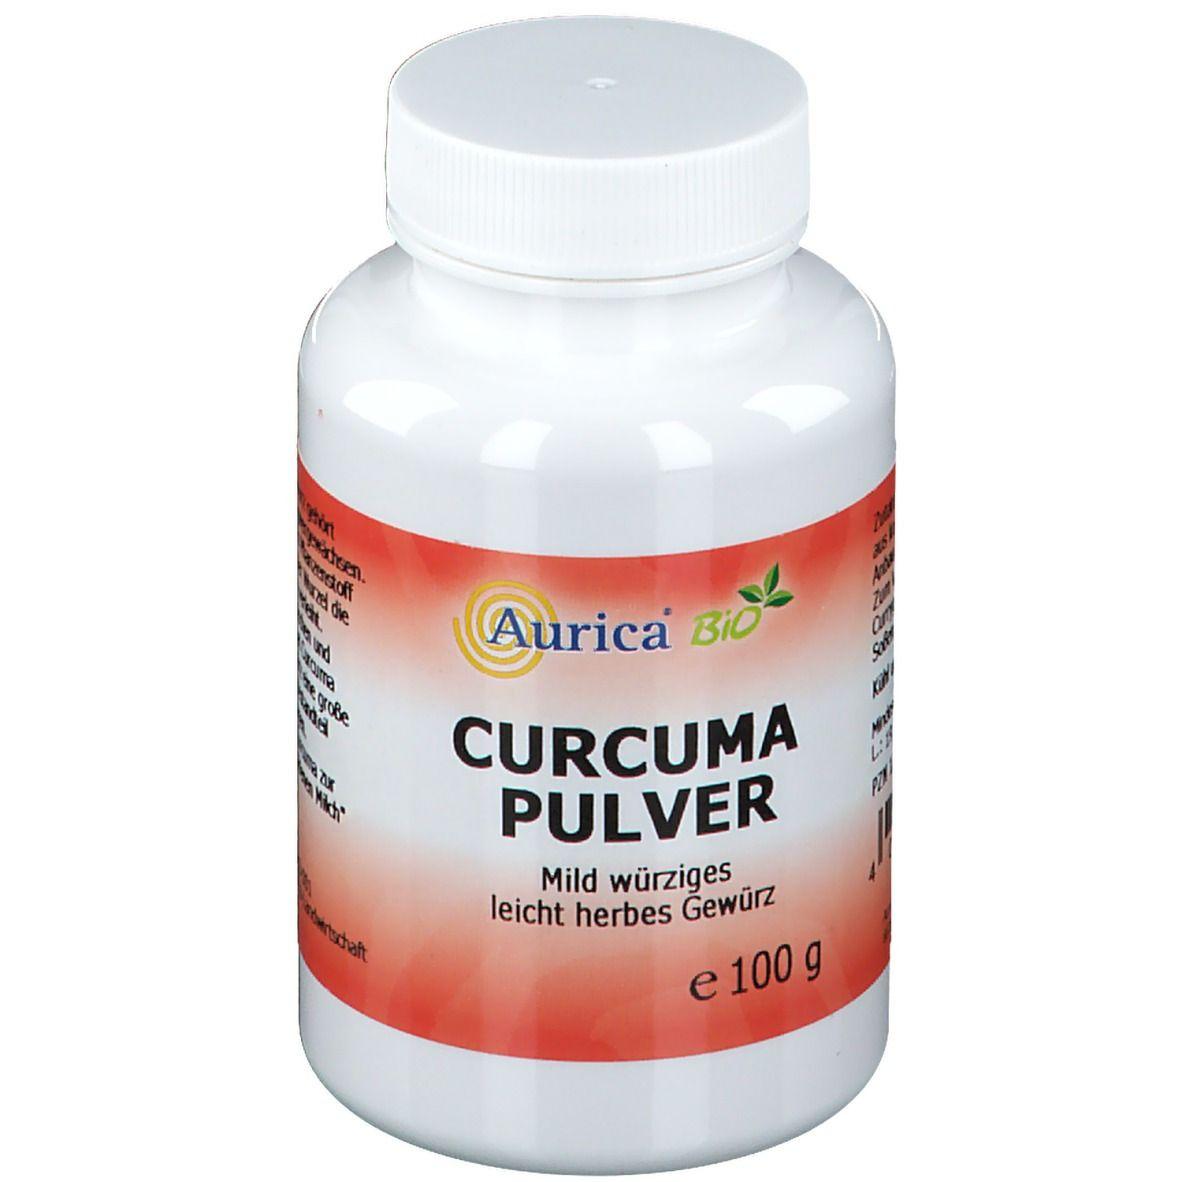 Image of Aurica® Bio Curcuma Pulver